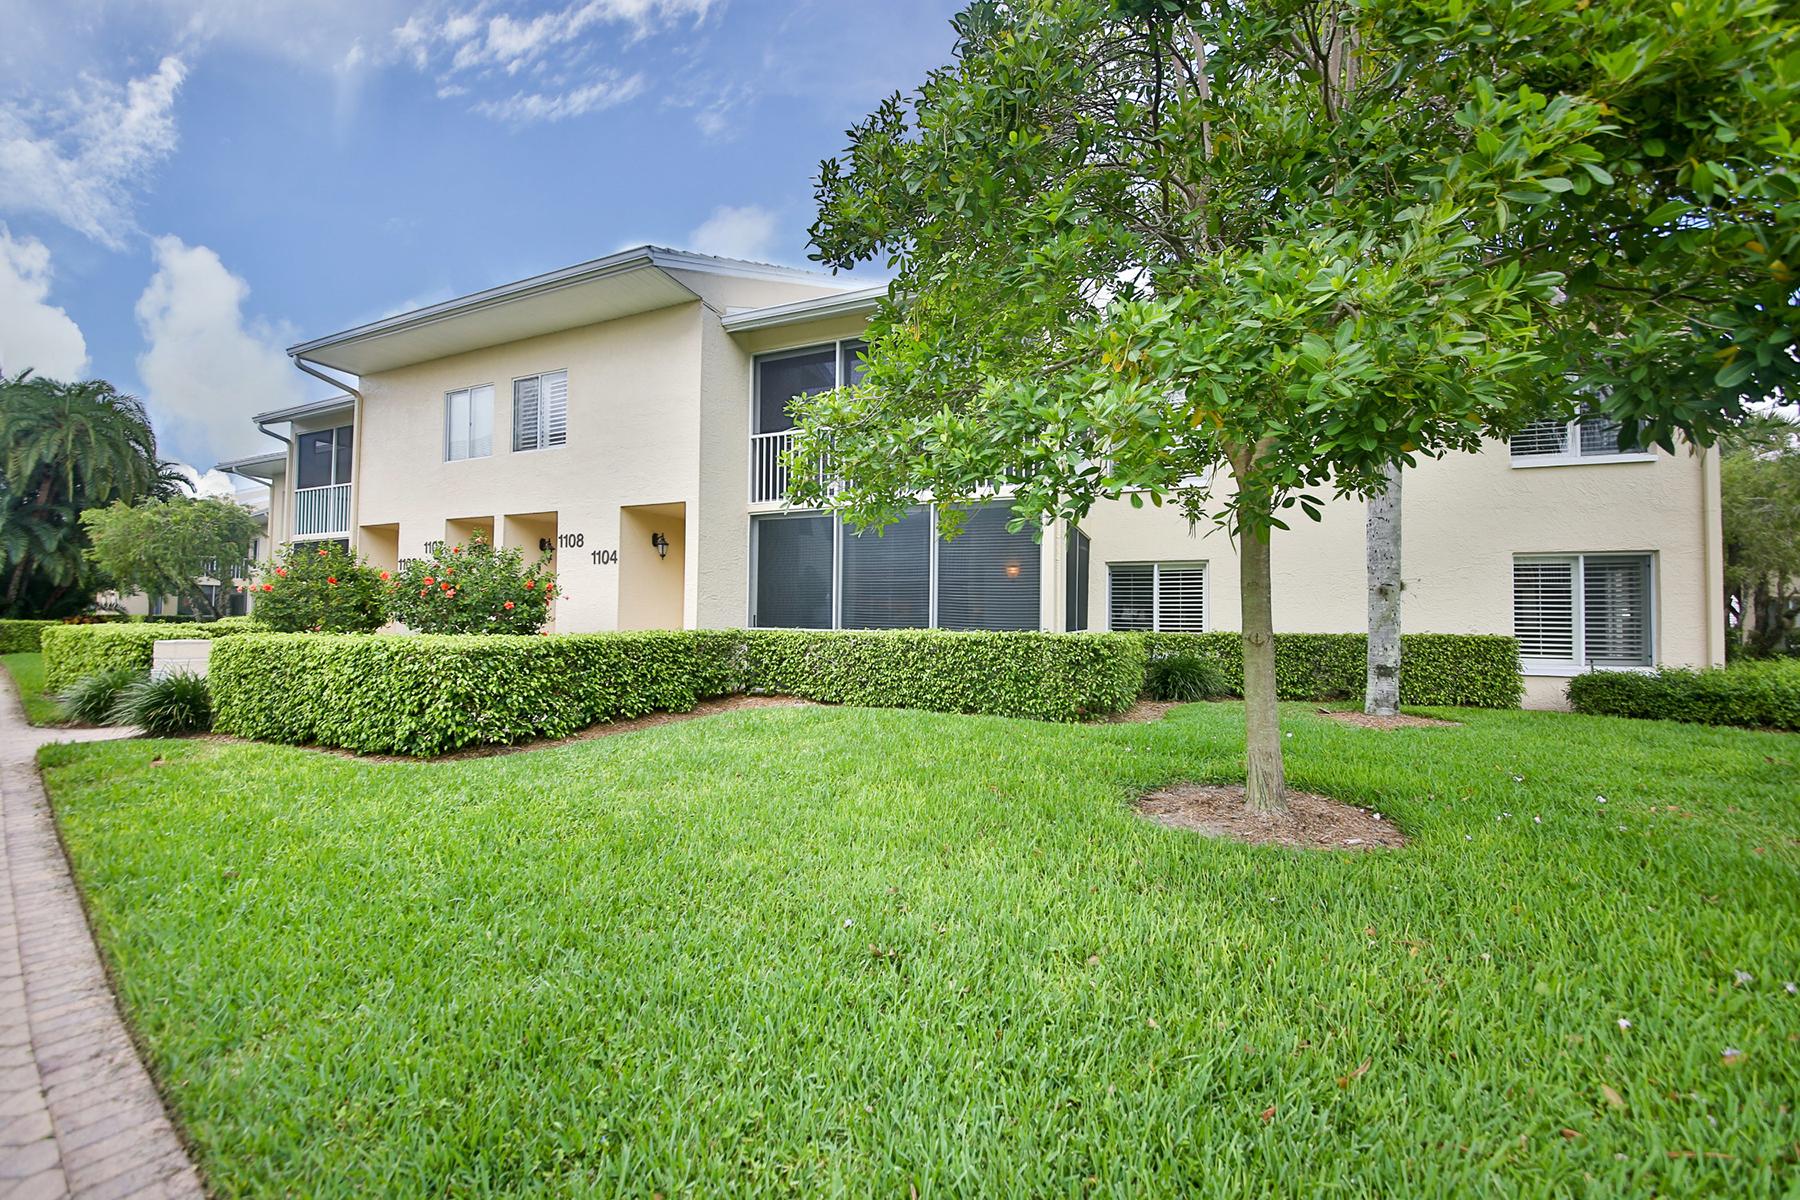 Condomínio para Venda às PELICAN BAY - GLENCOVE 5813 Glencove Dr 1104 Naples, Florida, 34108 Estados Unidos